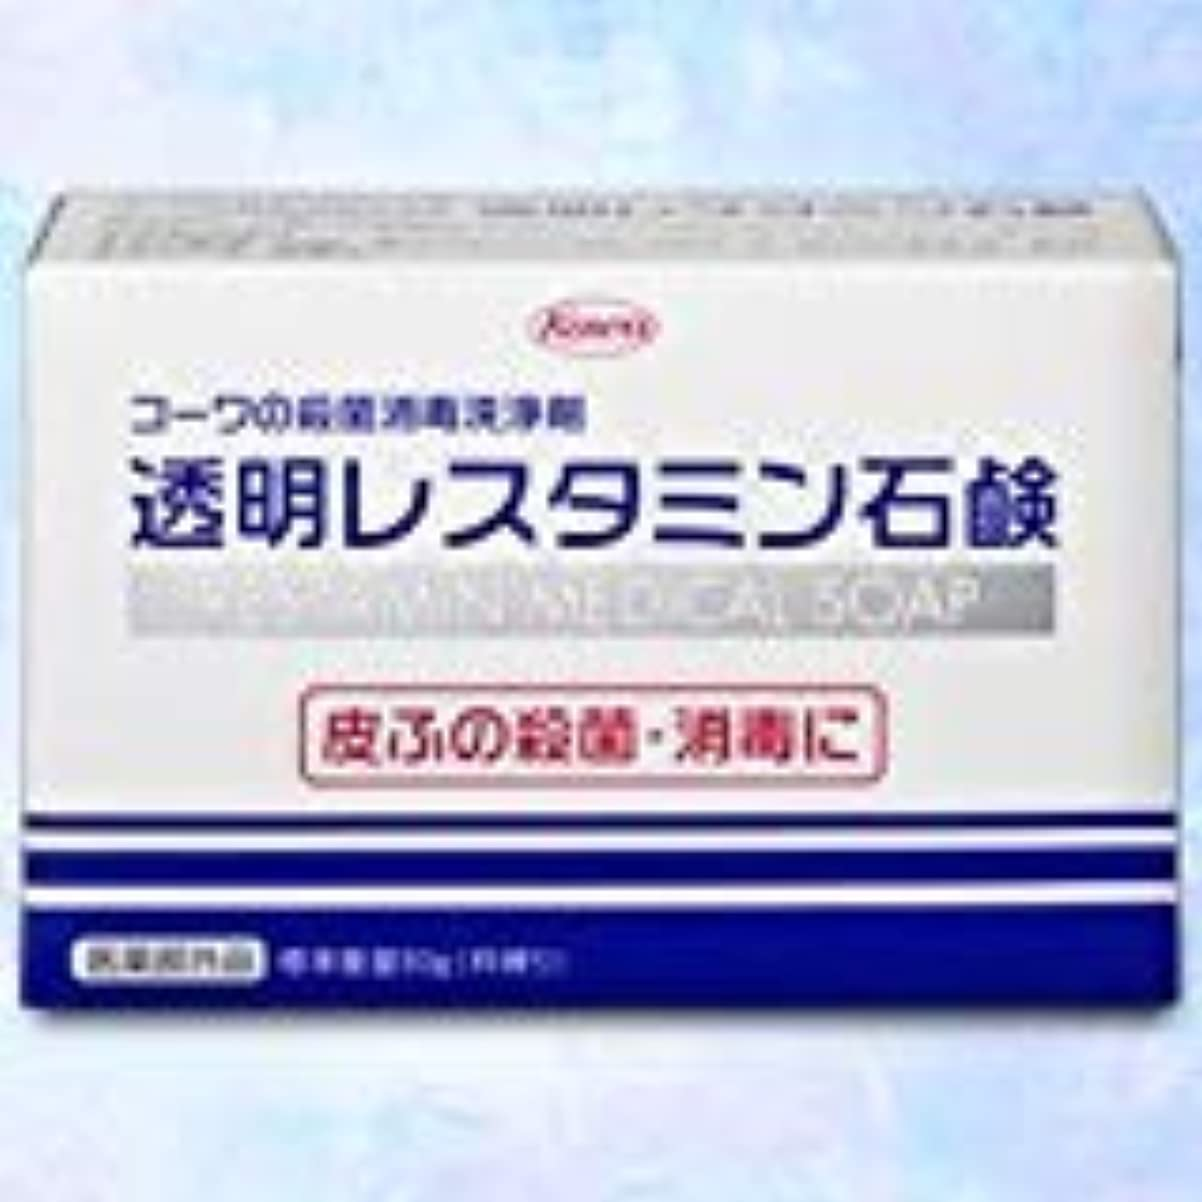 反対にはちみつナチュラル【興和】コーワの殺菌消毒洗浄剤「透明レスタミン石鹸」80g(医薬部外品) ×5個セット